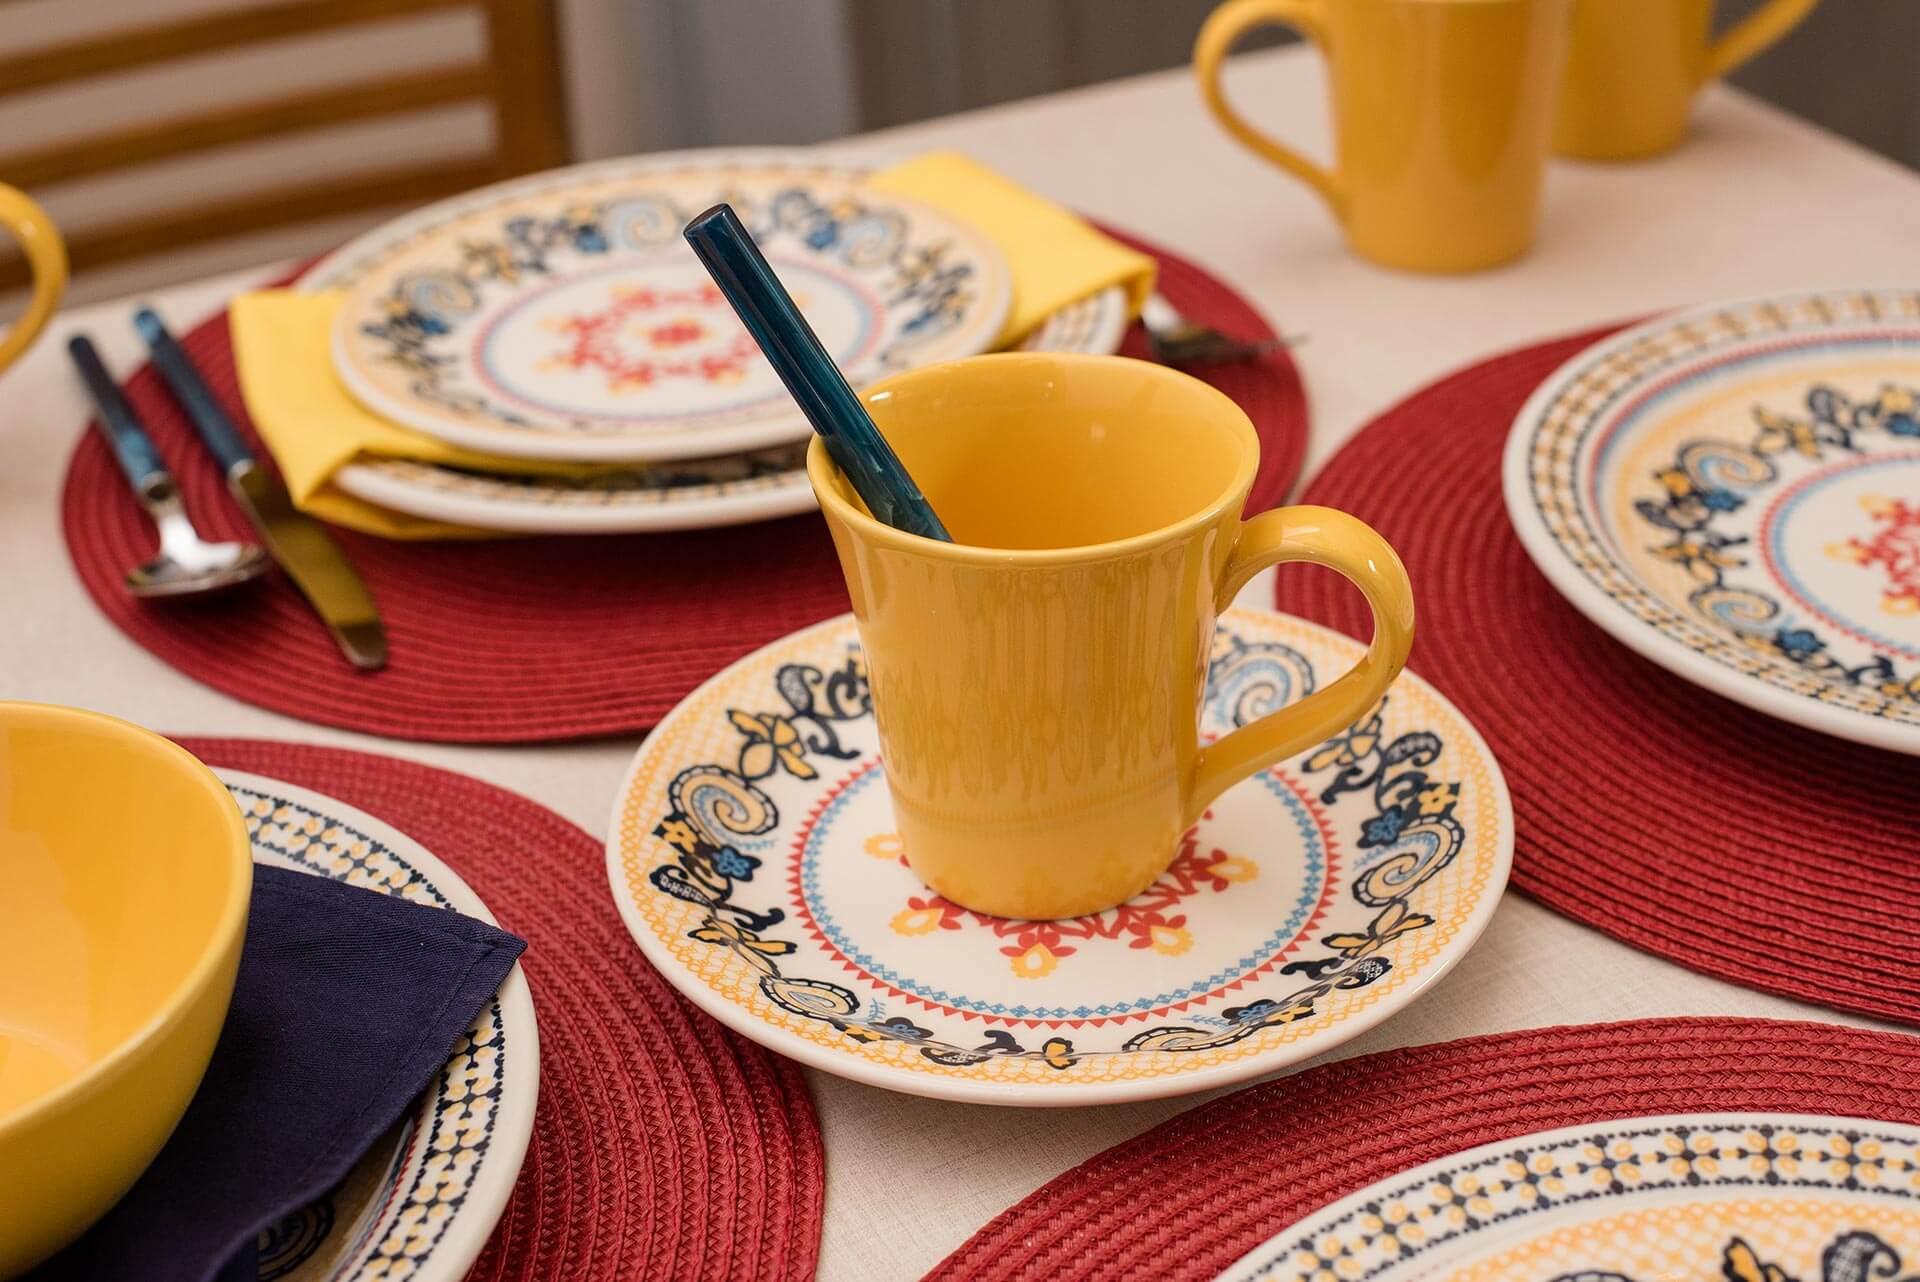 Imagem: Em tons de amarelo, azul e escarlate, a coleção Floreal La Pollera, da Oxford, fica ainda mais bonita sobre jogos americanos vermelhos. Os guardanapos de tecido, em amarelo ou azul índigo, acrescentam mais um ponto de cor, Foto: Karla Rudnick